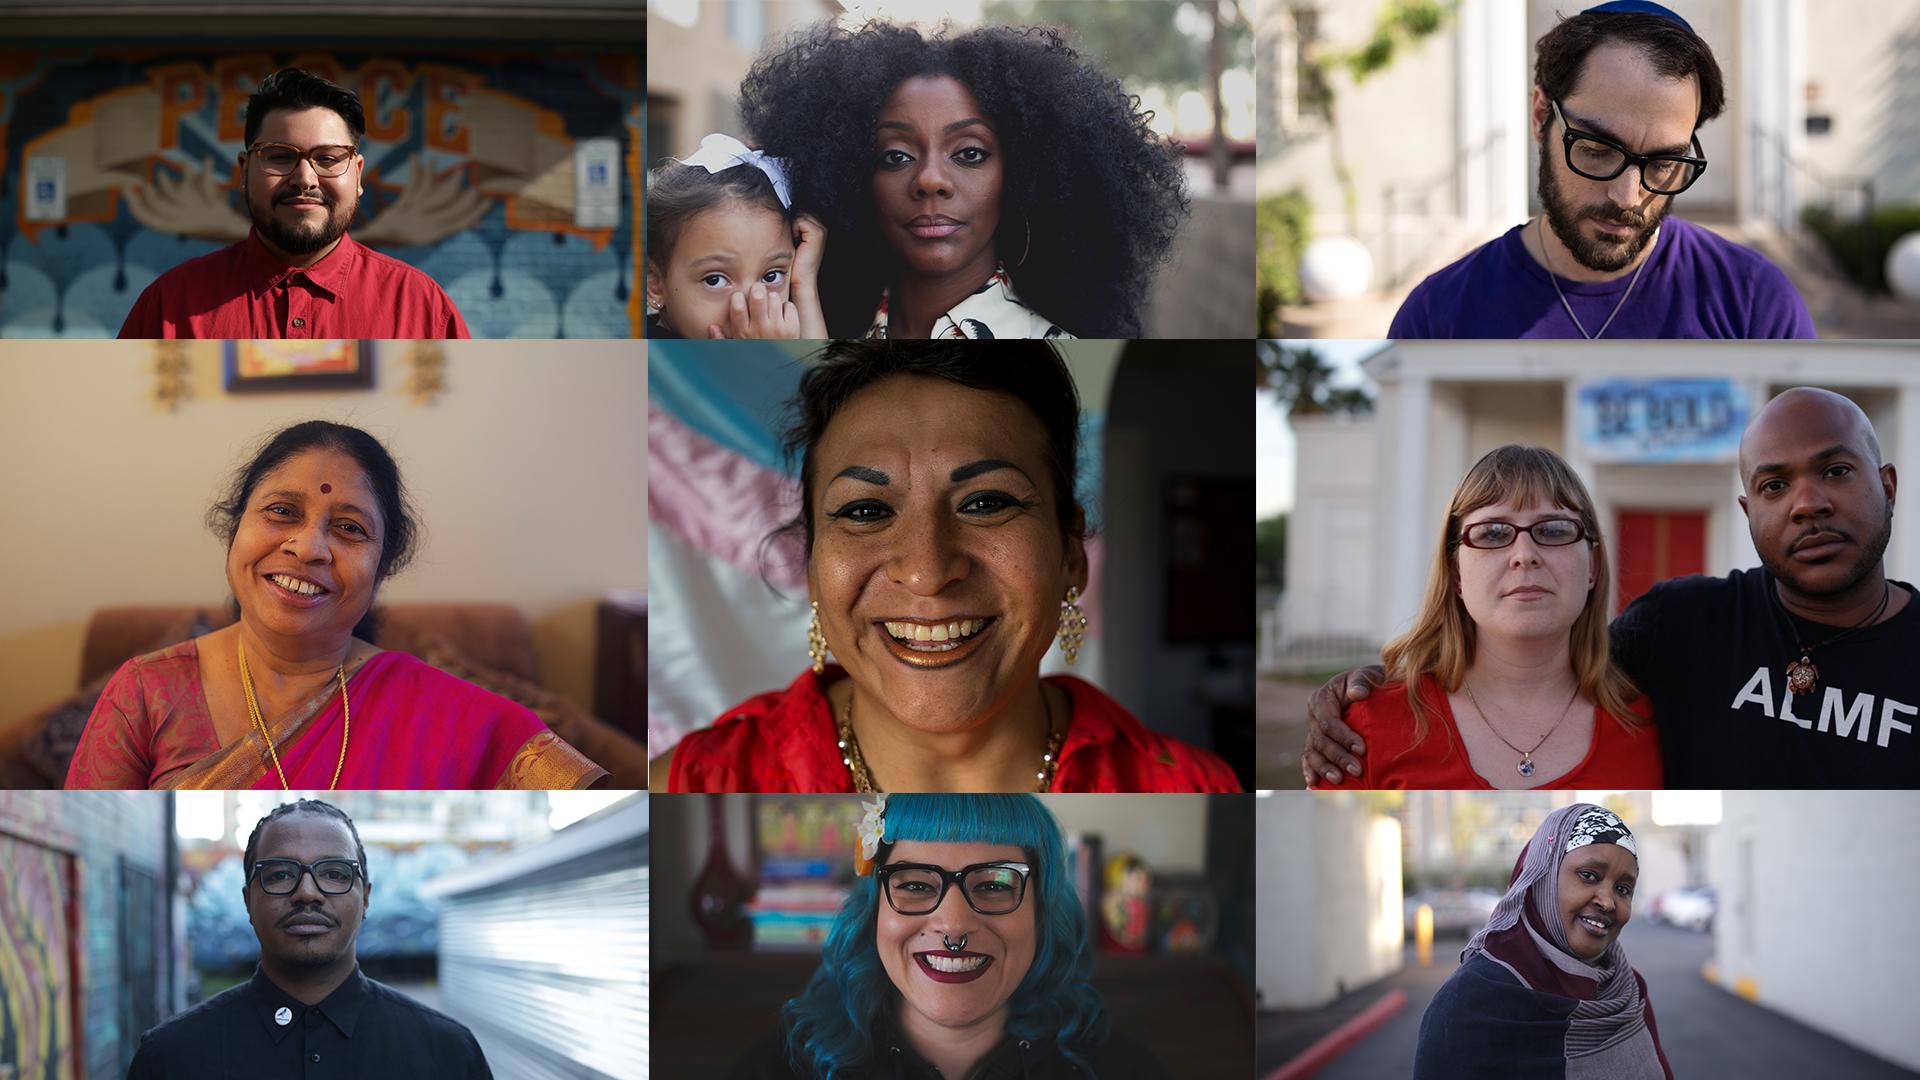 You Racist Sexist Bigot. Directed by Matty Steinkamp